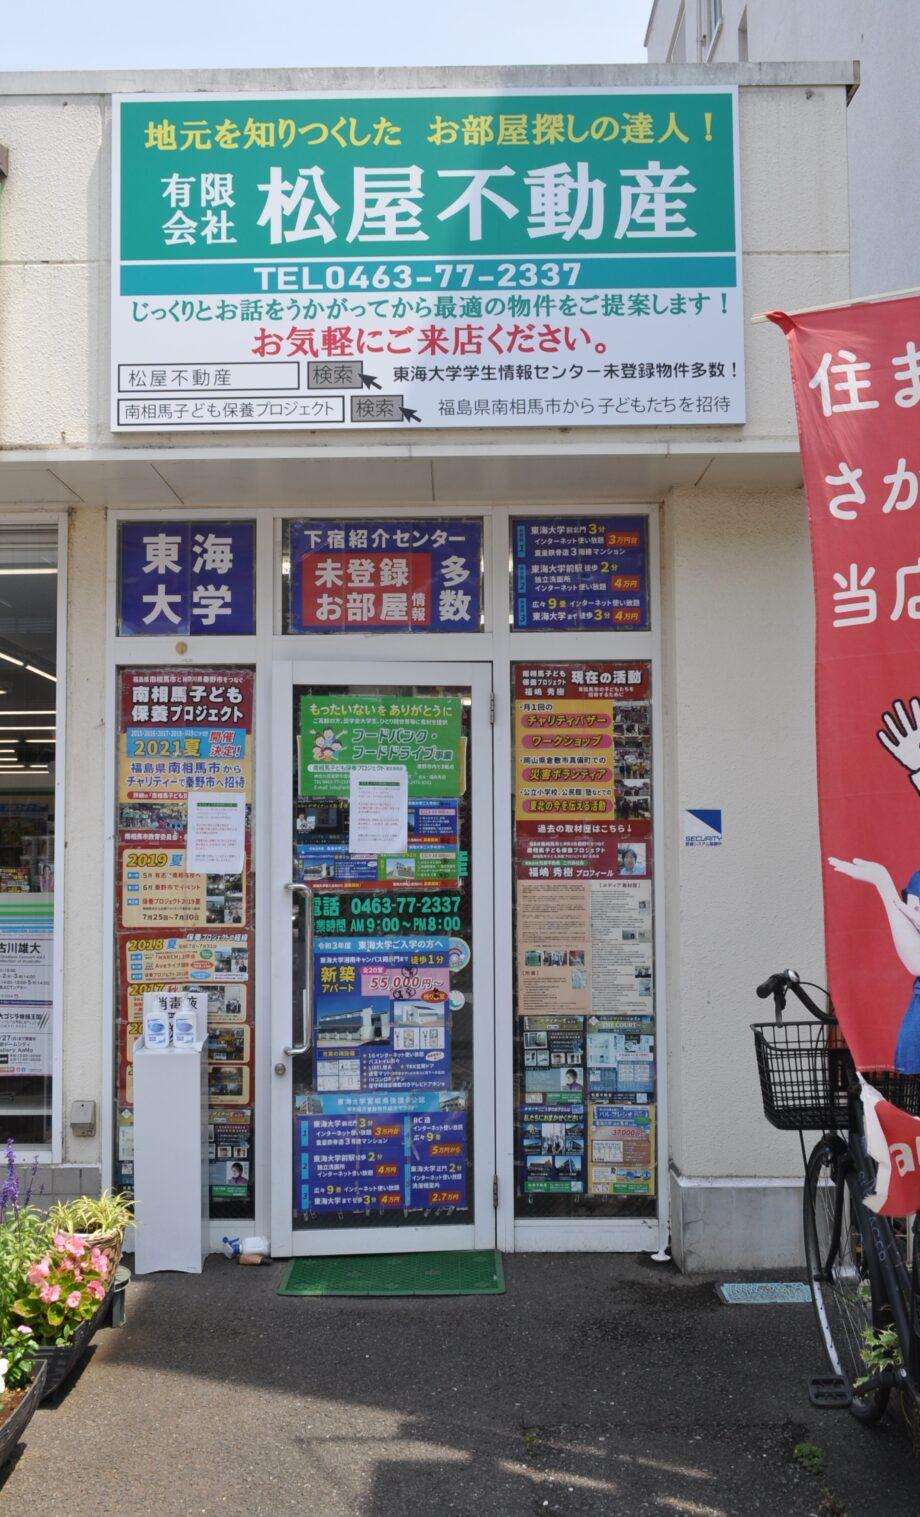 東海・鶴巻ブランチ窓口の(有)松屋不動産